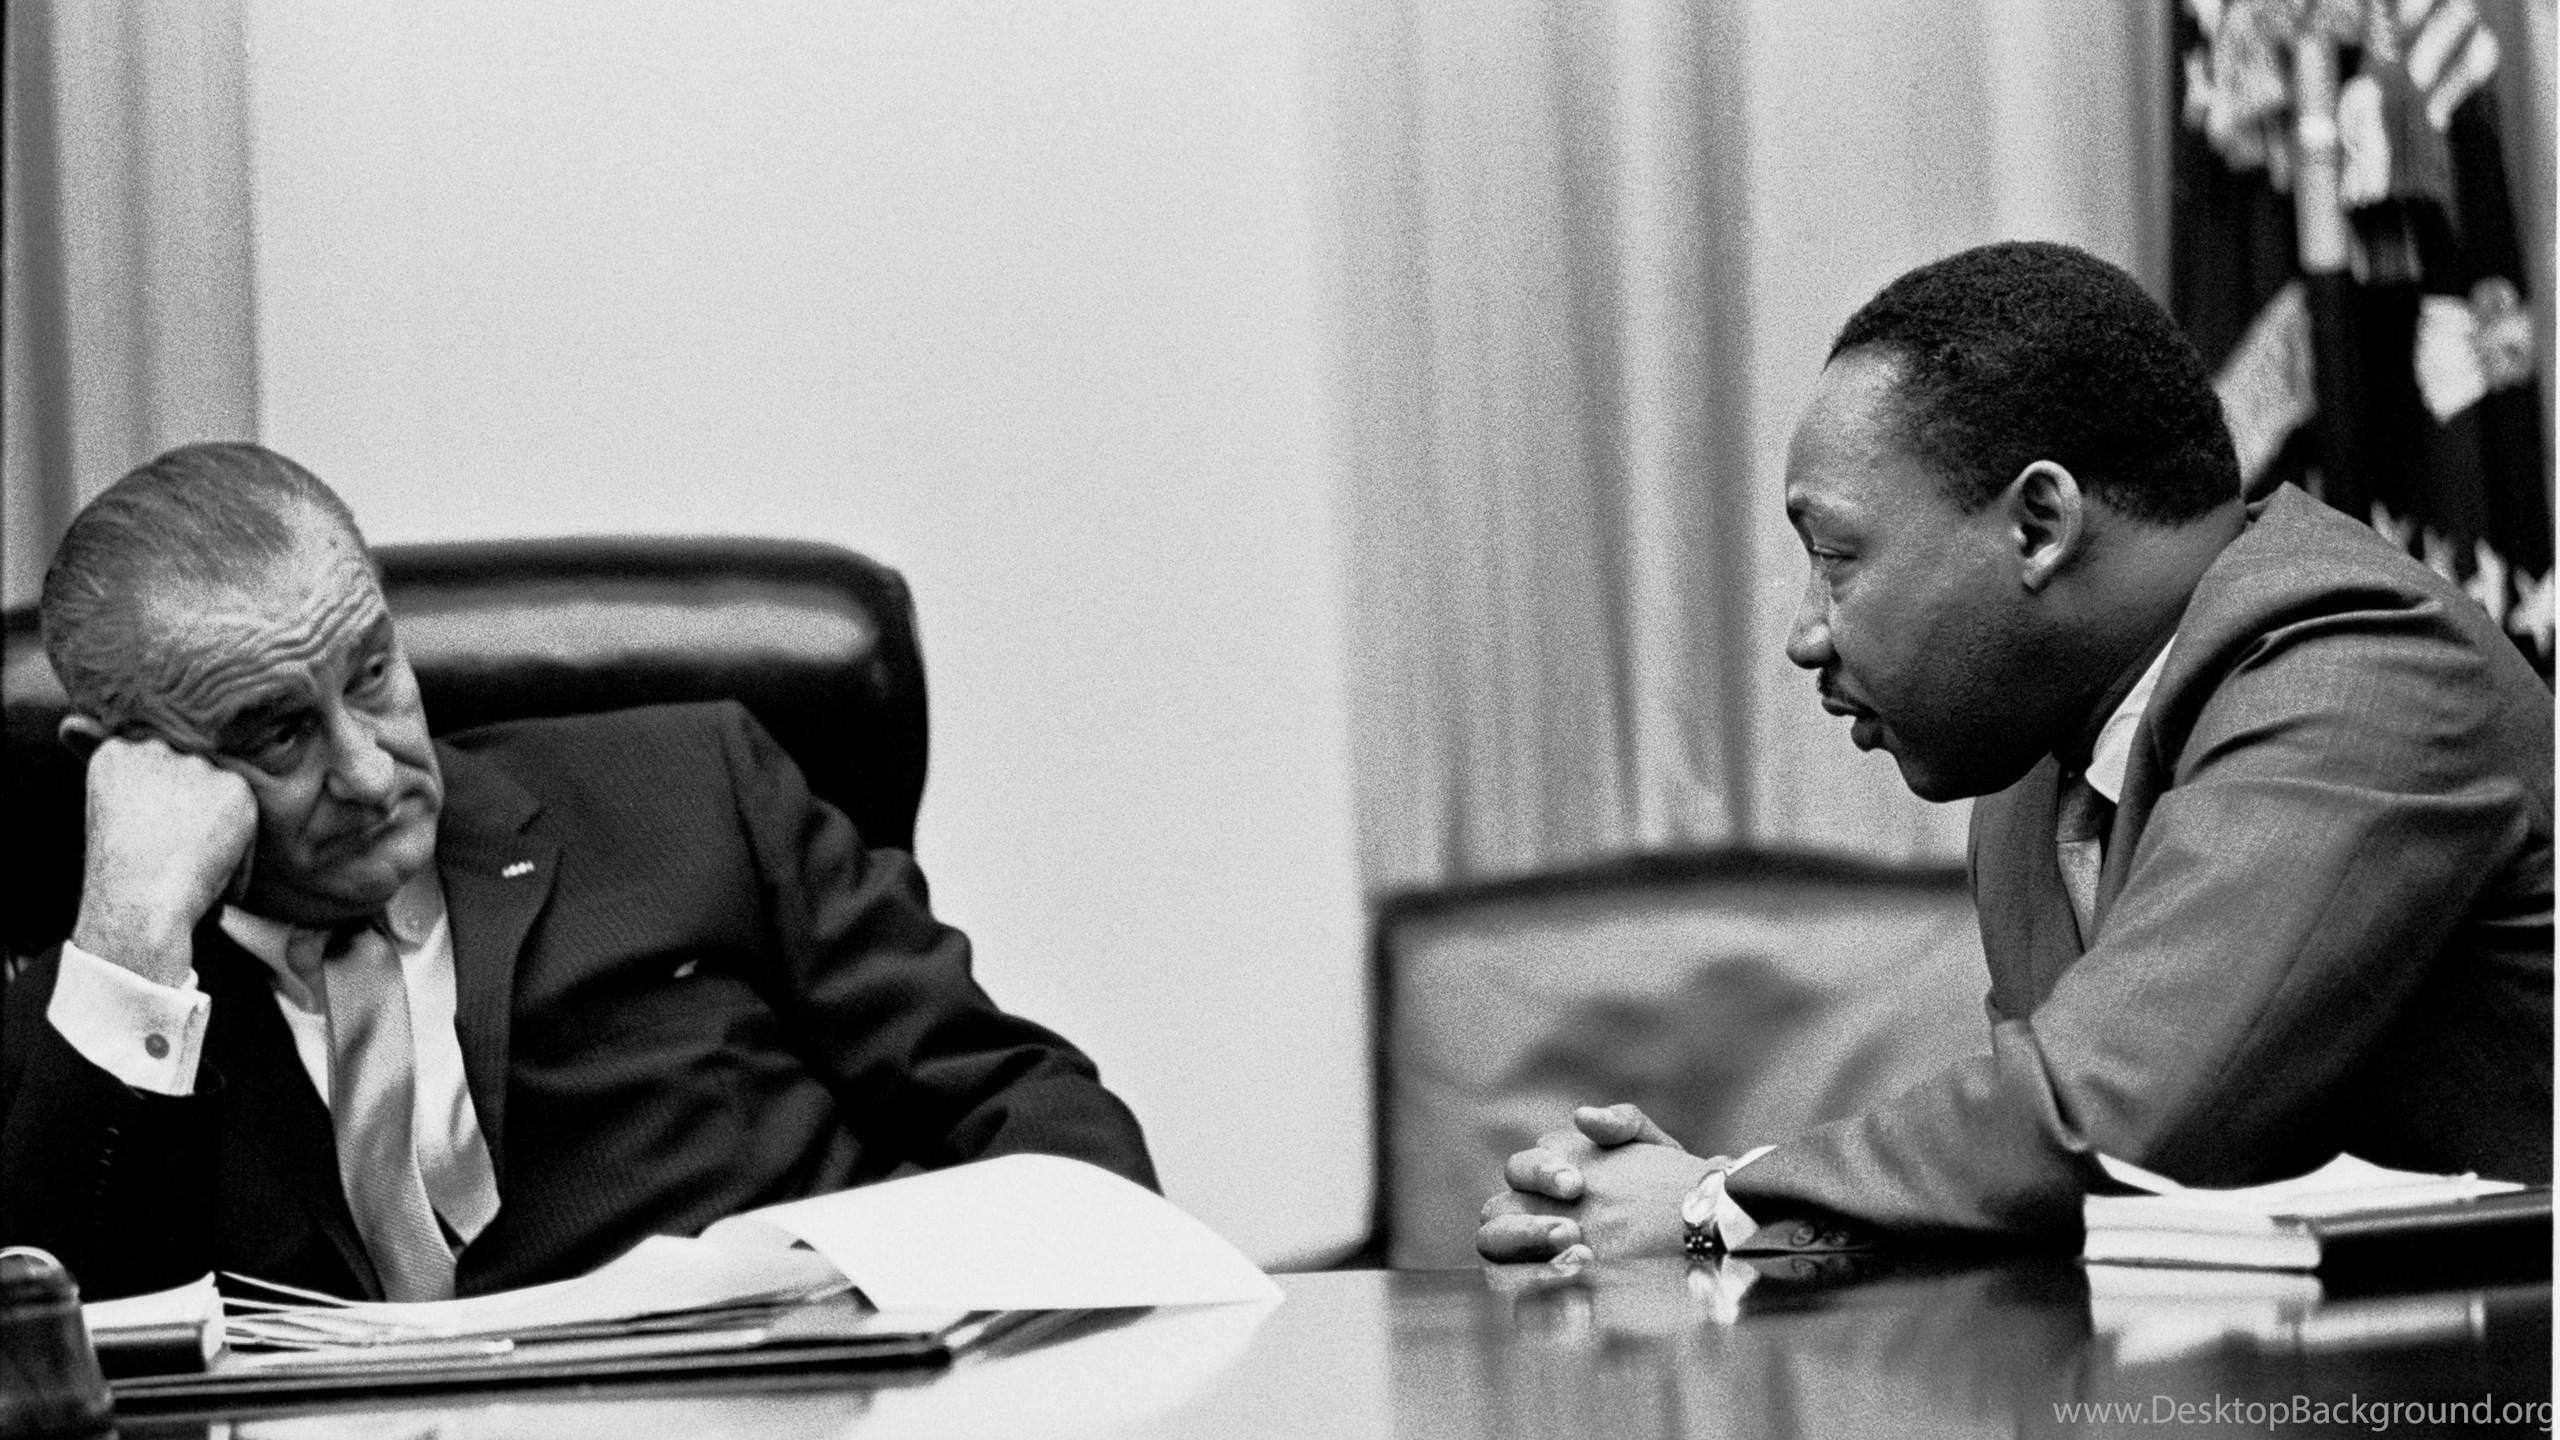 Martin Luther King Jr Wallpaper Wia002 Wallpaperinside Desktop